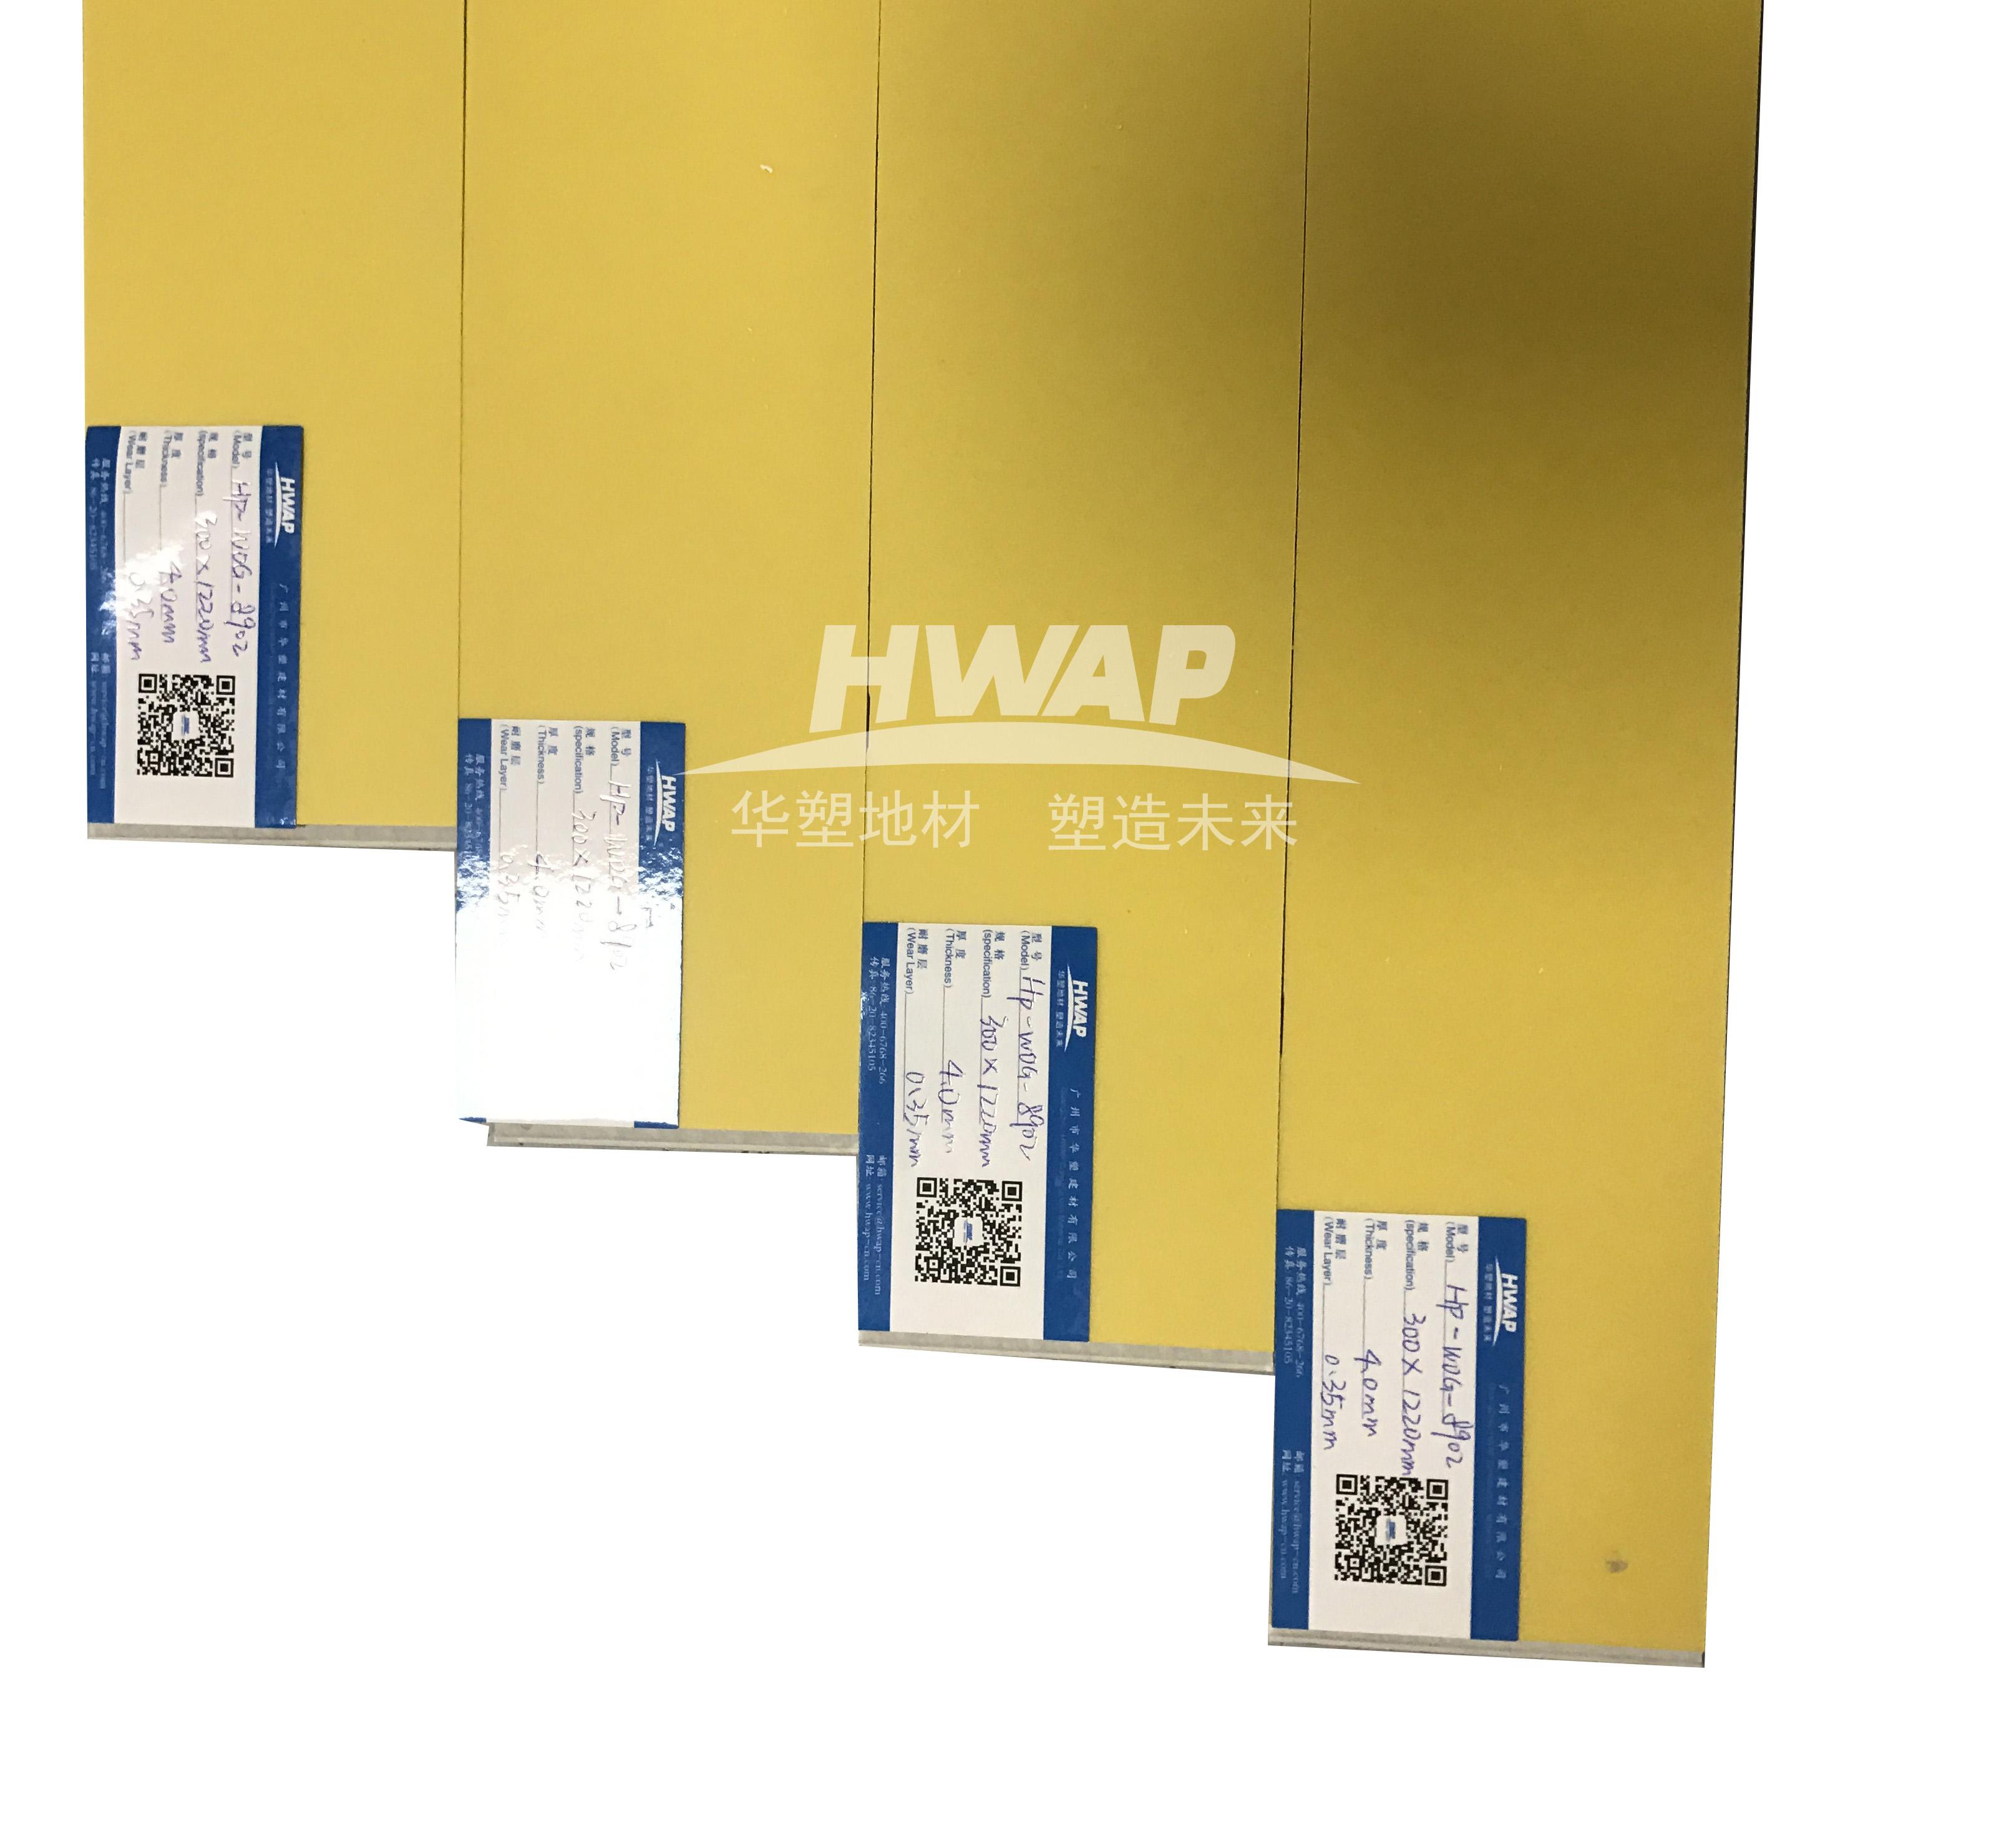 HP-WOG-8902